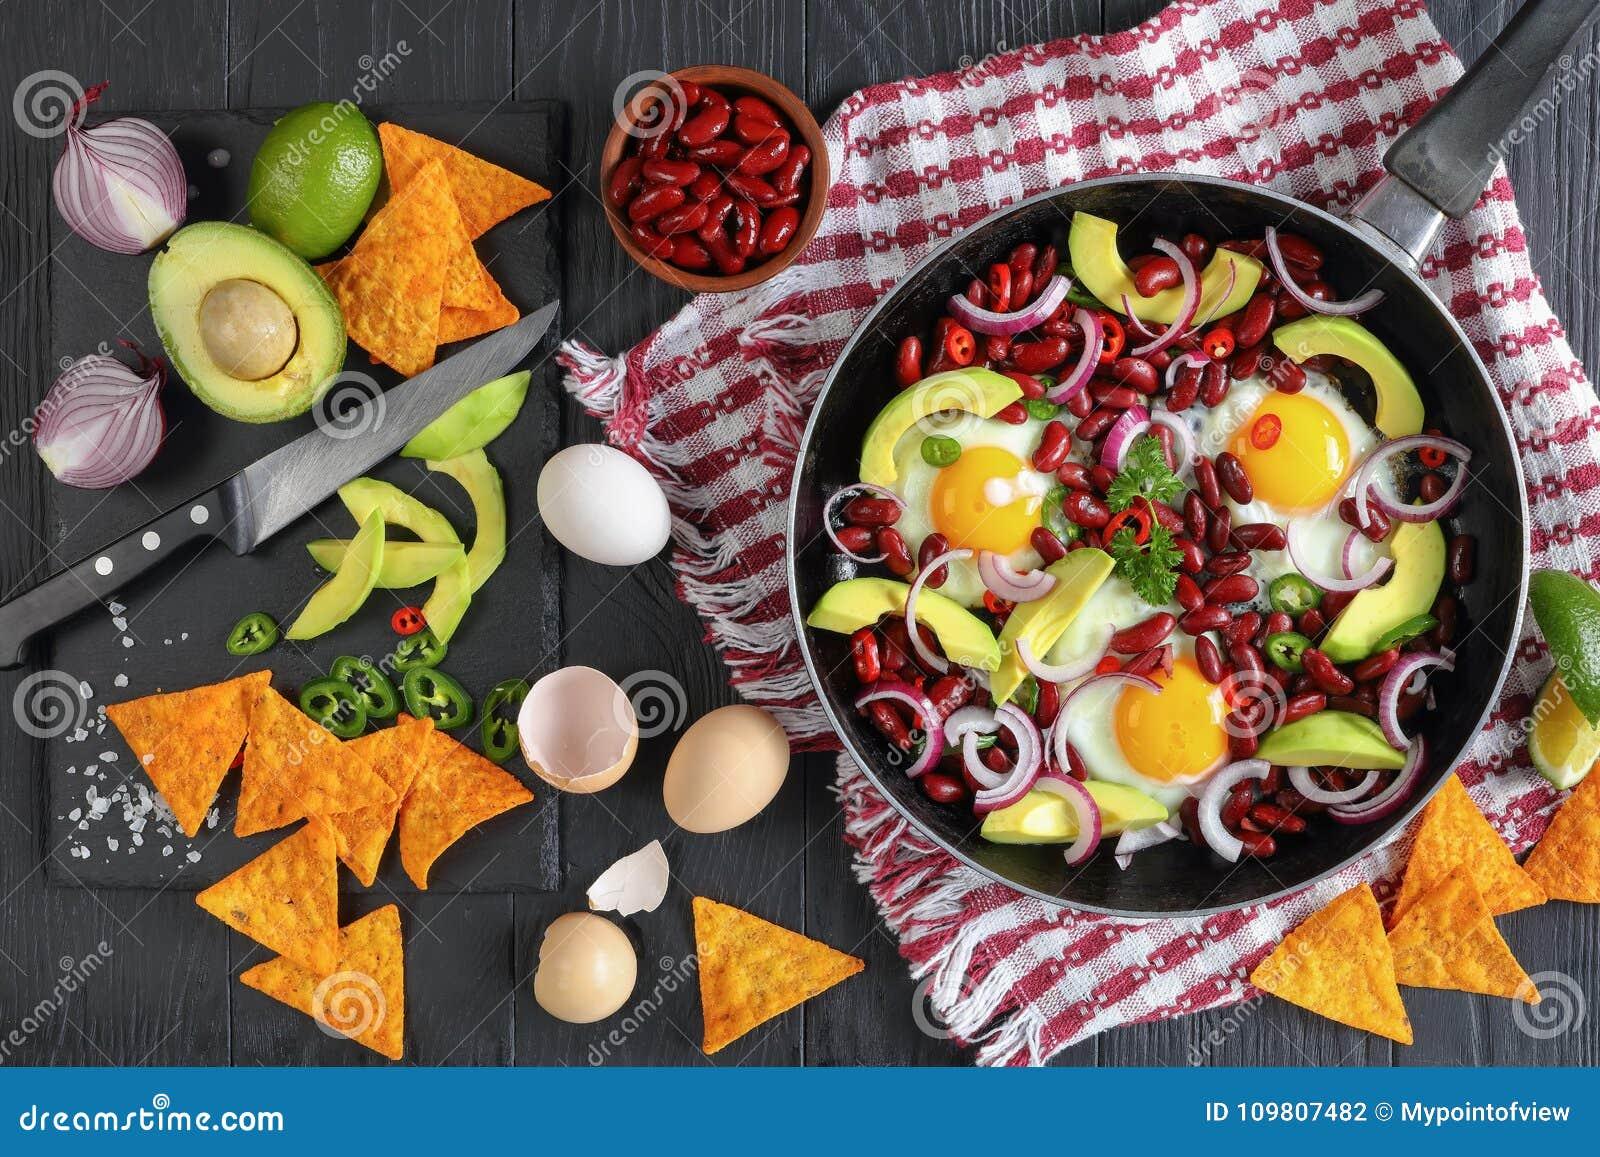 Mexikanisches Frühstück - Spiegeleier in der Bratpfanne